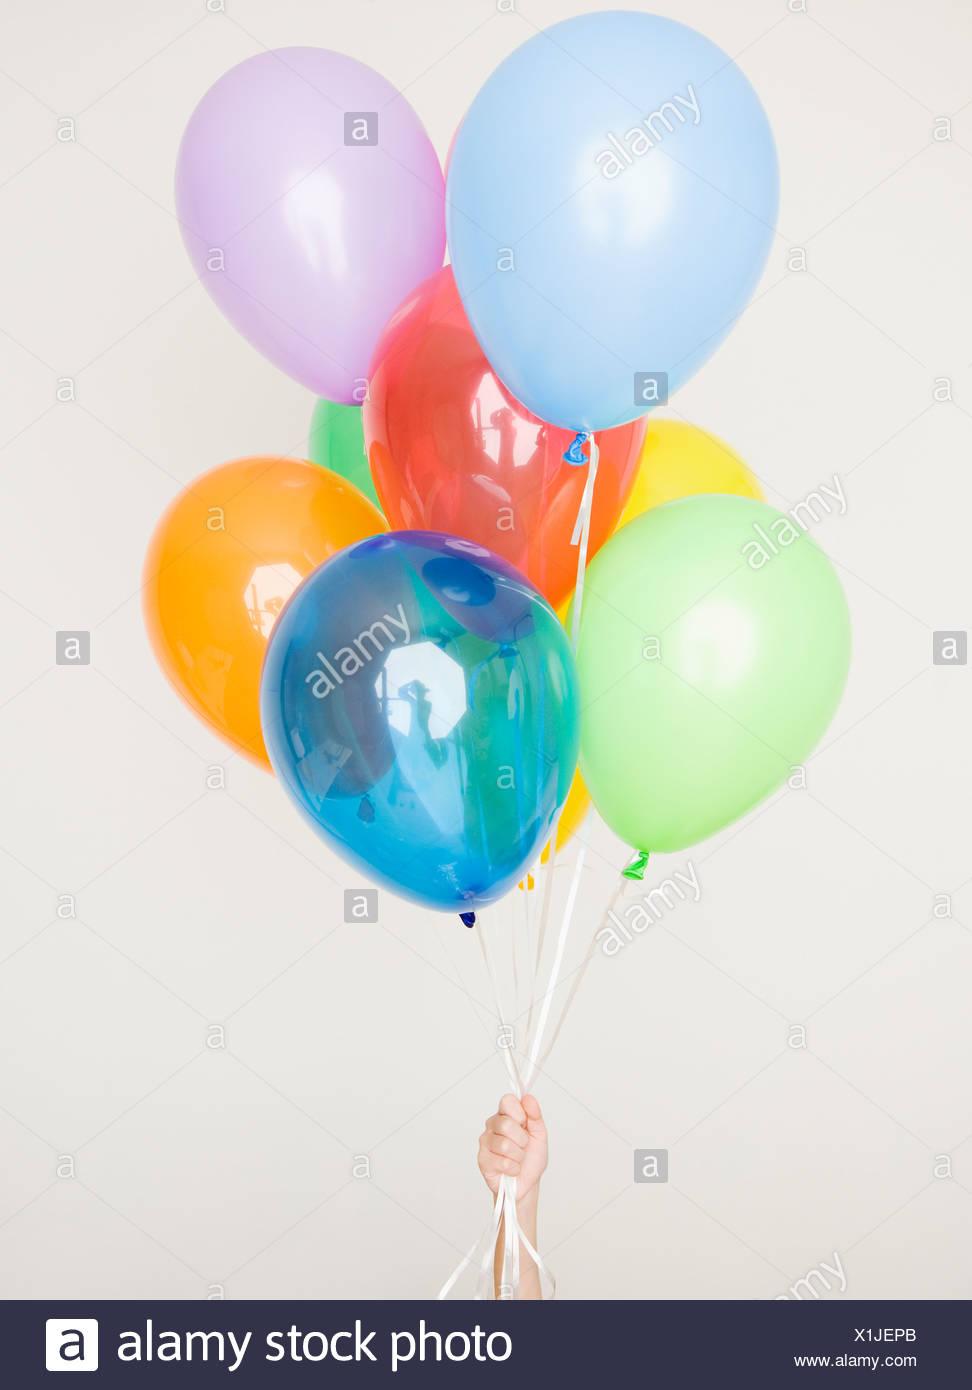 Helium Balloon Child Stock Photos & Helium Balloon Child